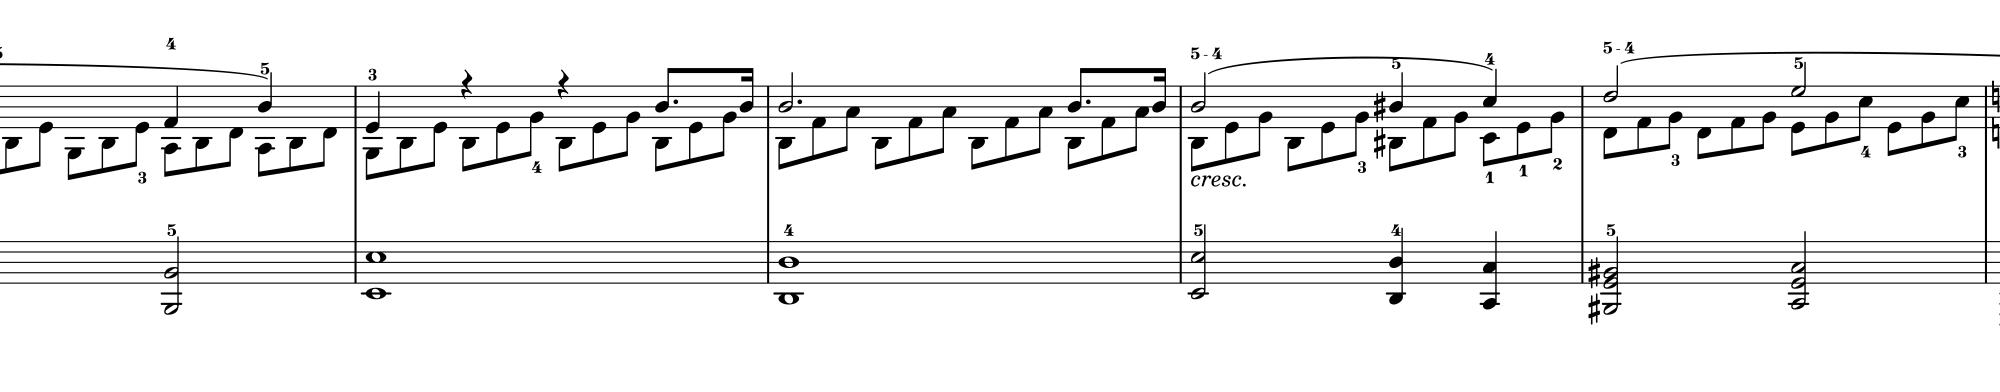 Part_9_150